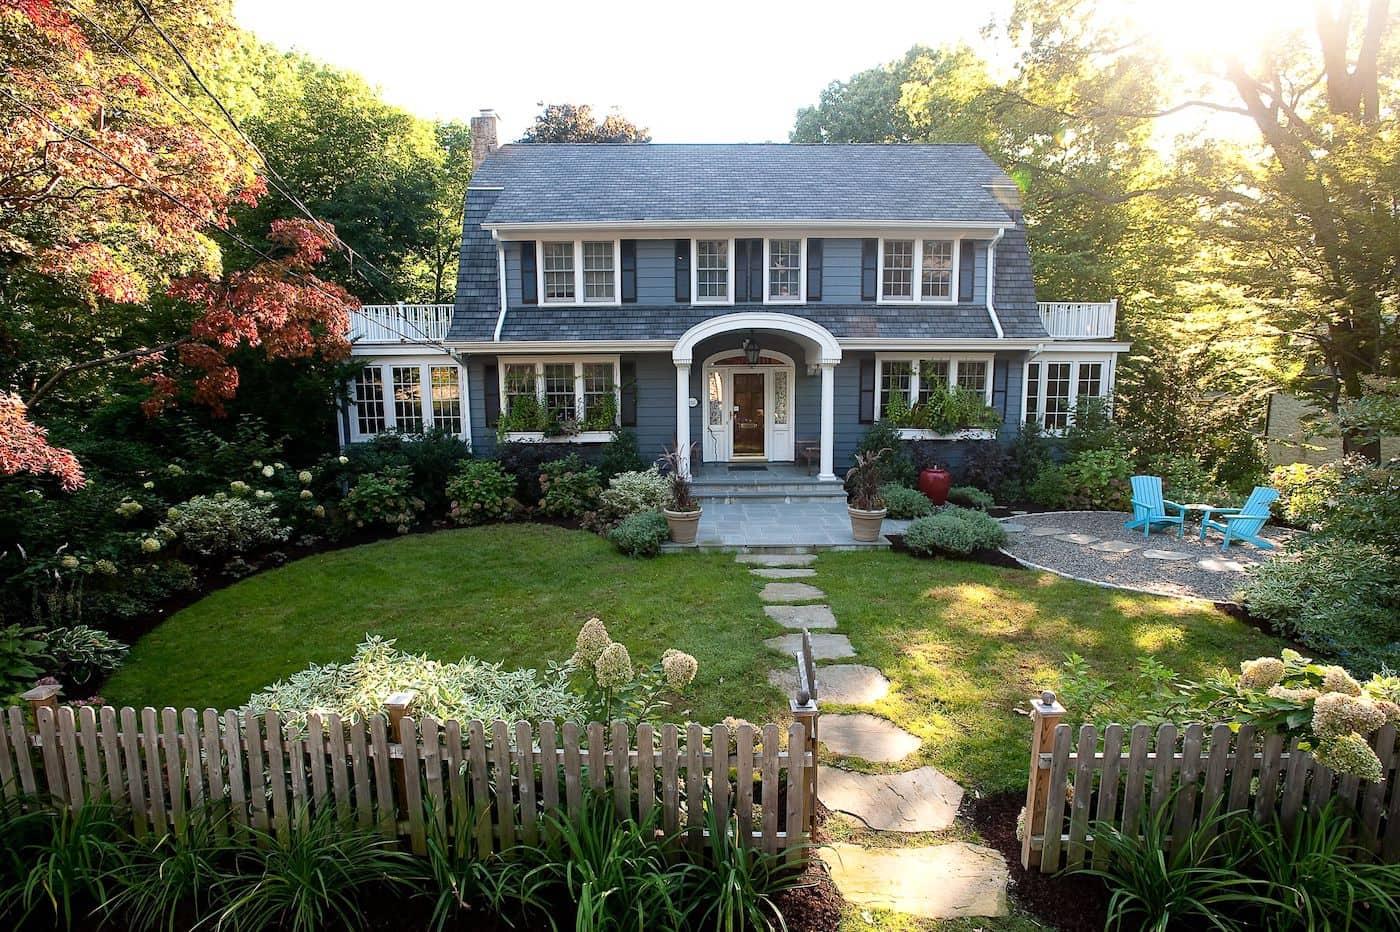 Les caractéristiques de la vie dynamique moderne sont incluses dans l'esthétique des jardins conçus dans le style Art nouveau.